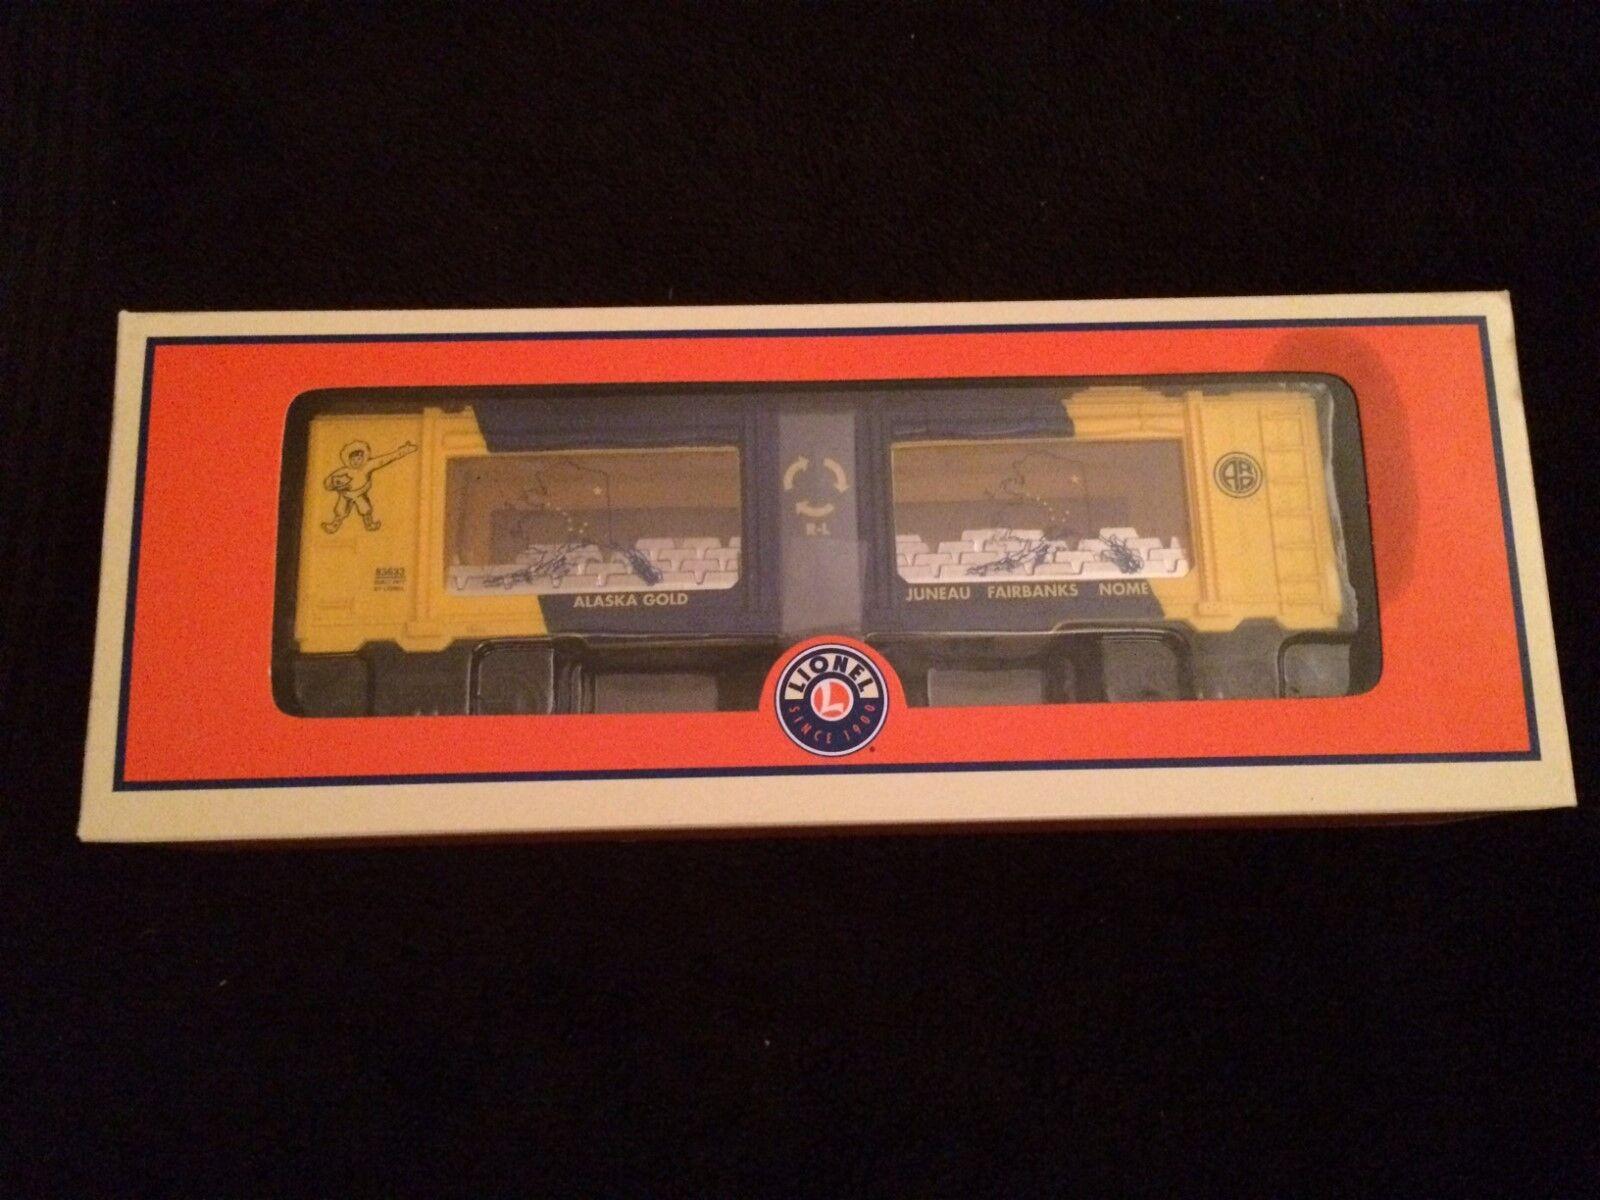 Lionel 83633 Alaska oro Mint Car Nuovo in Box